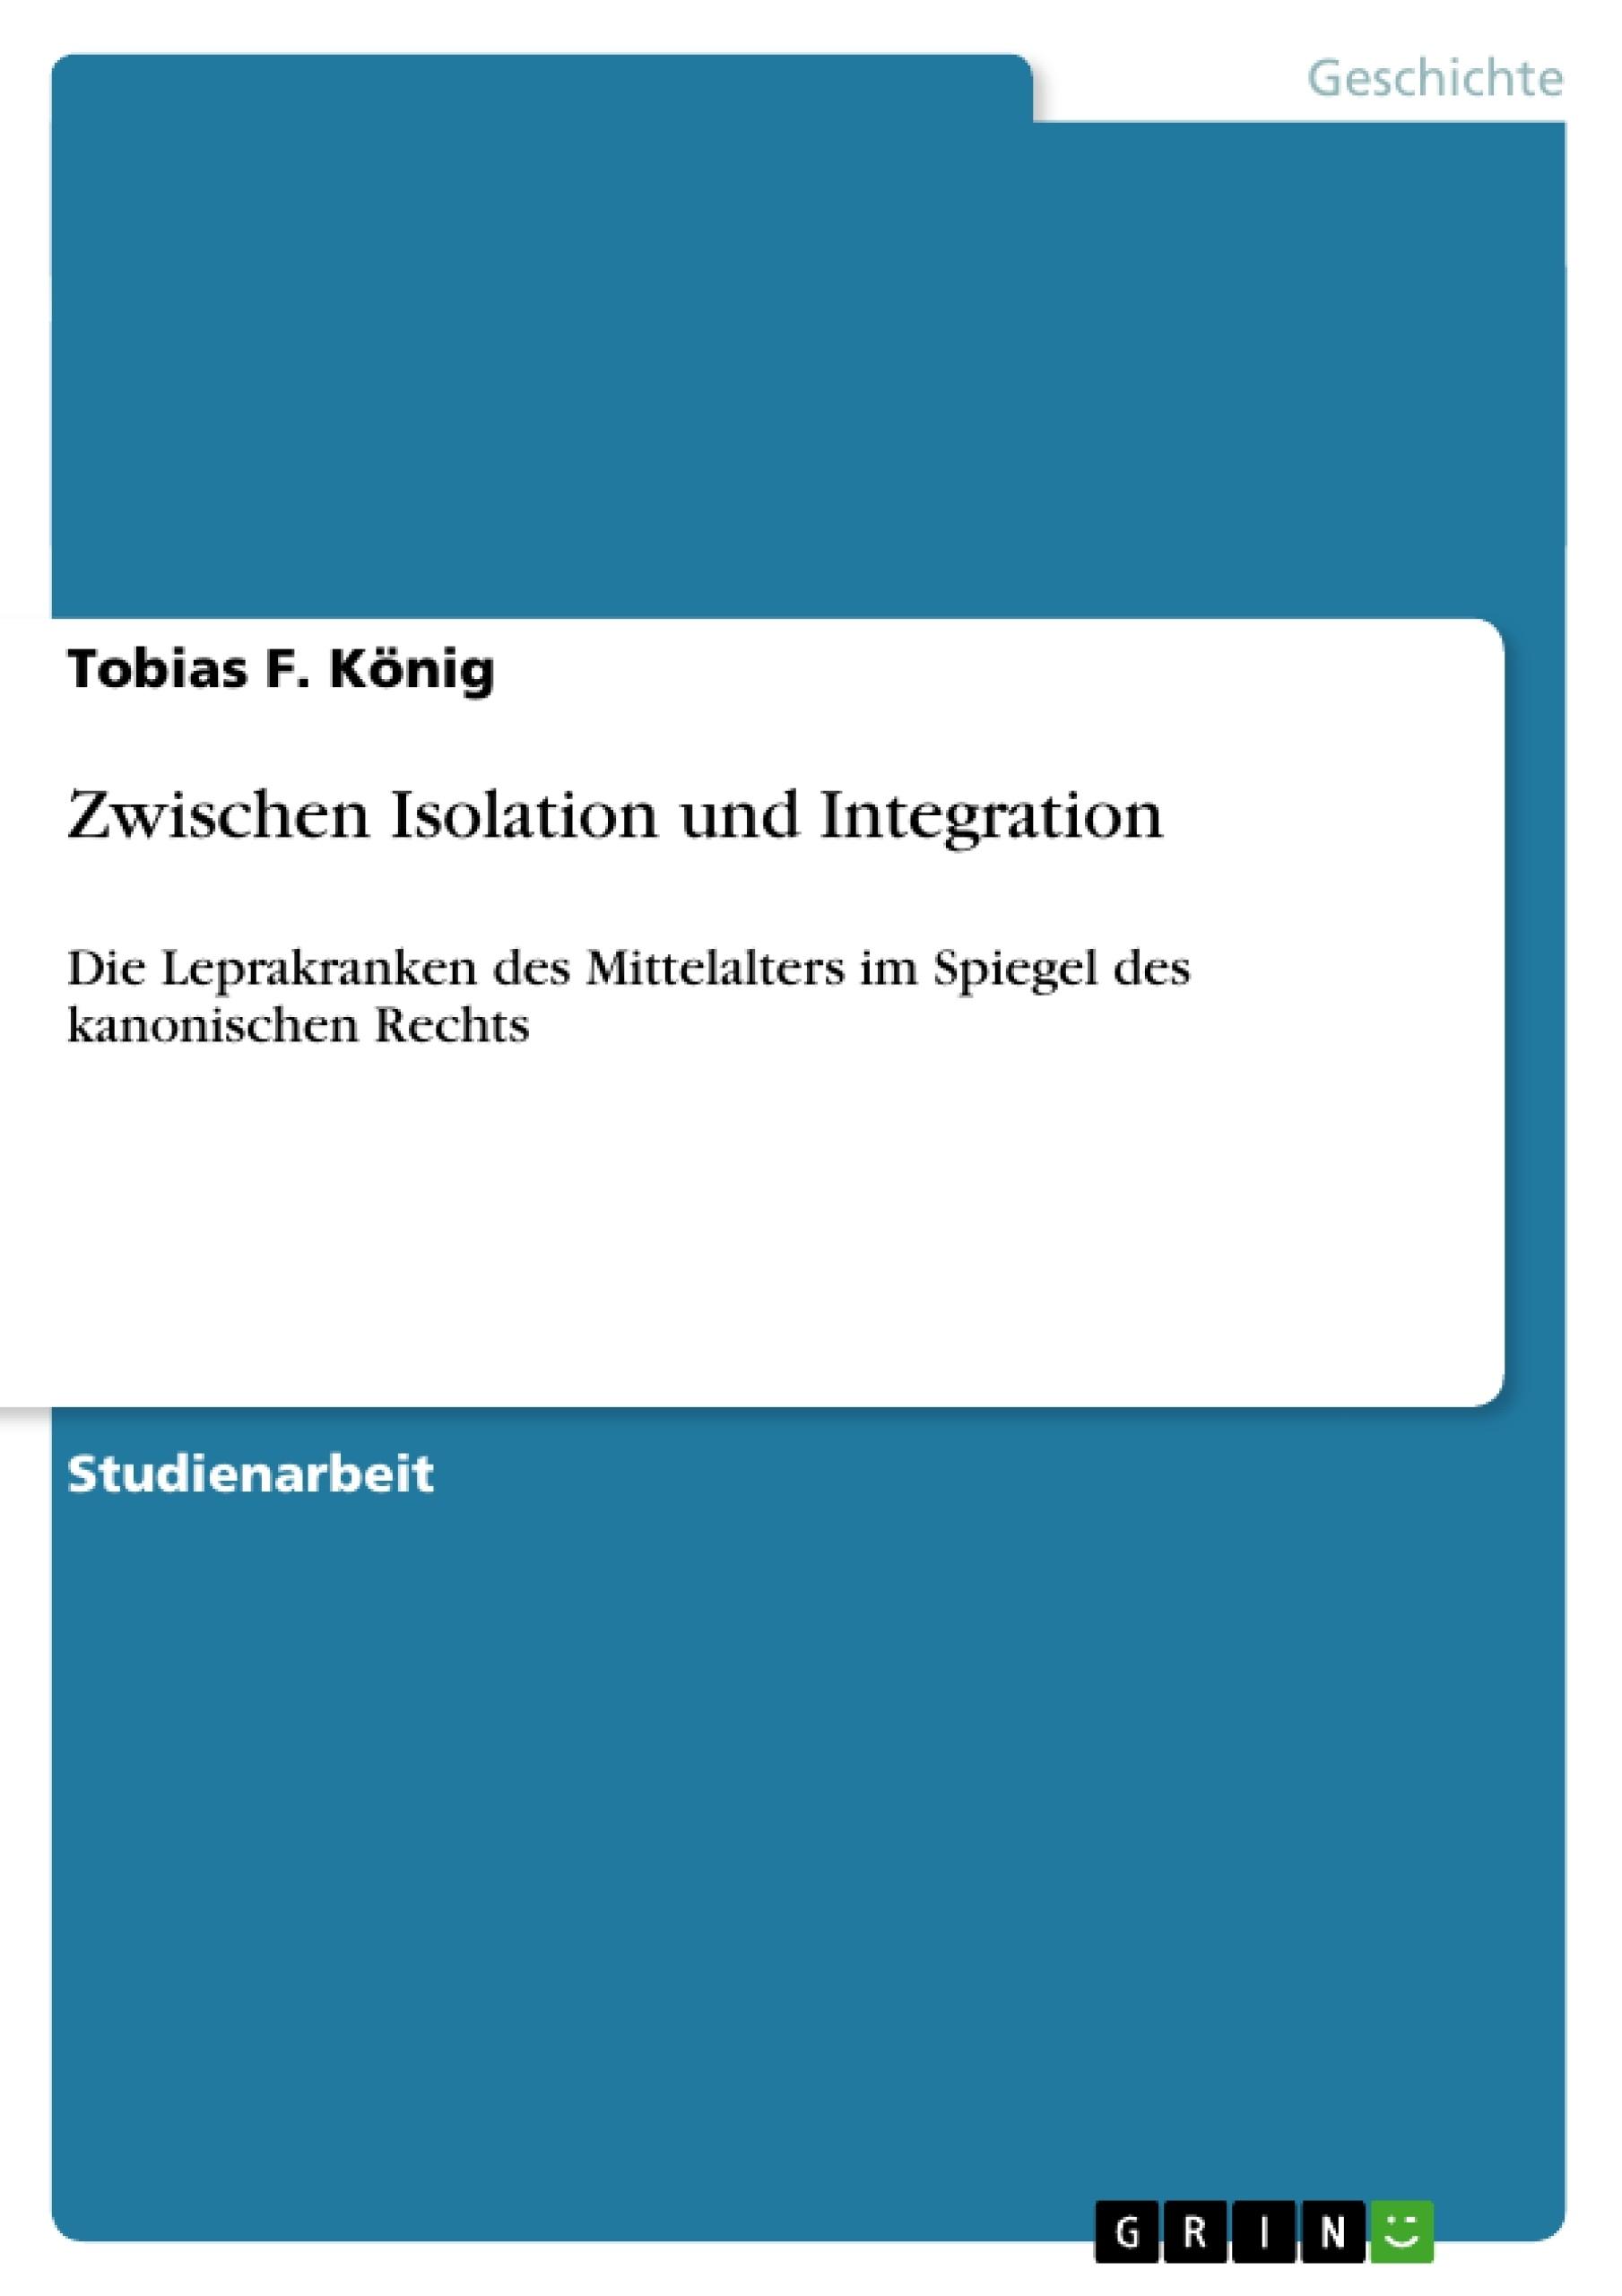 Titel: Zwischen Isolation und Integration